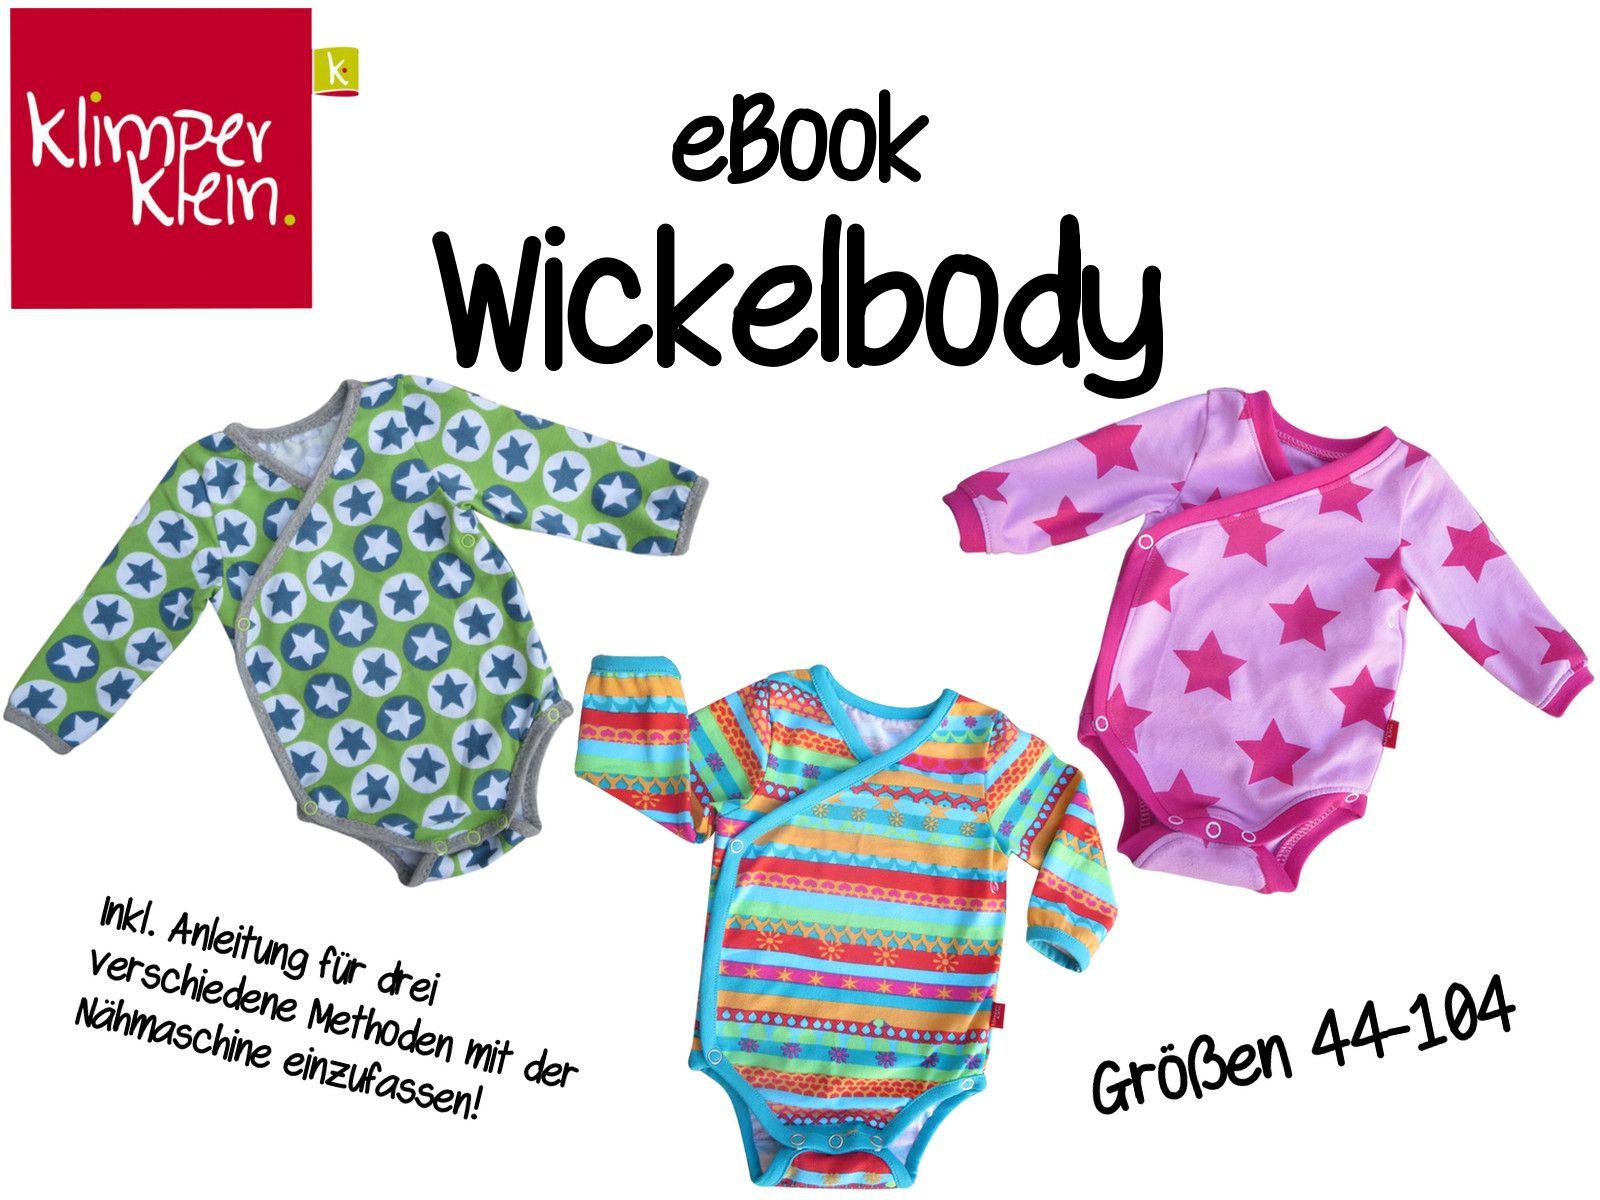 eBook Wickelbody online! (klimperklein) | Wickelbody, Klimperklein ...